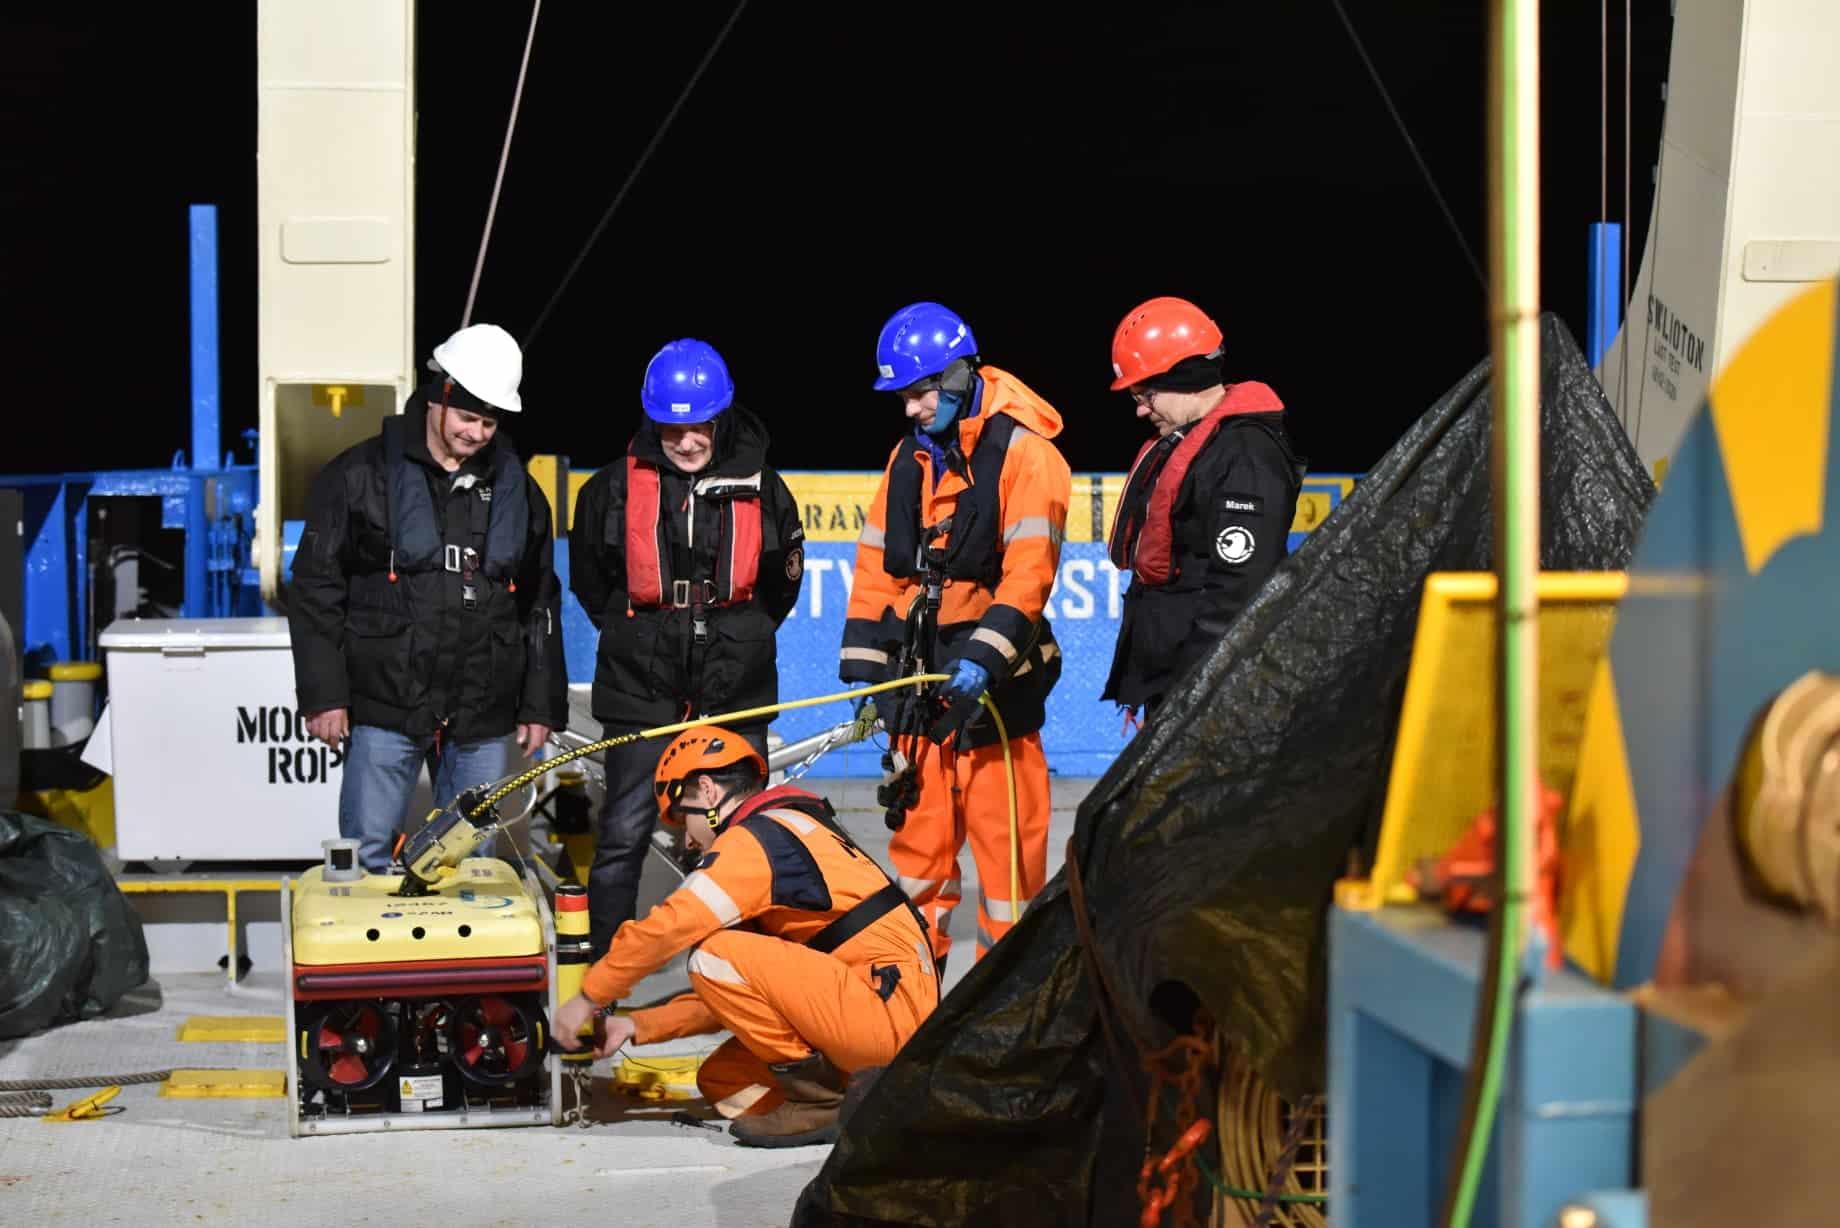 Przygotowywanie robota ROV do zanurzenia